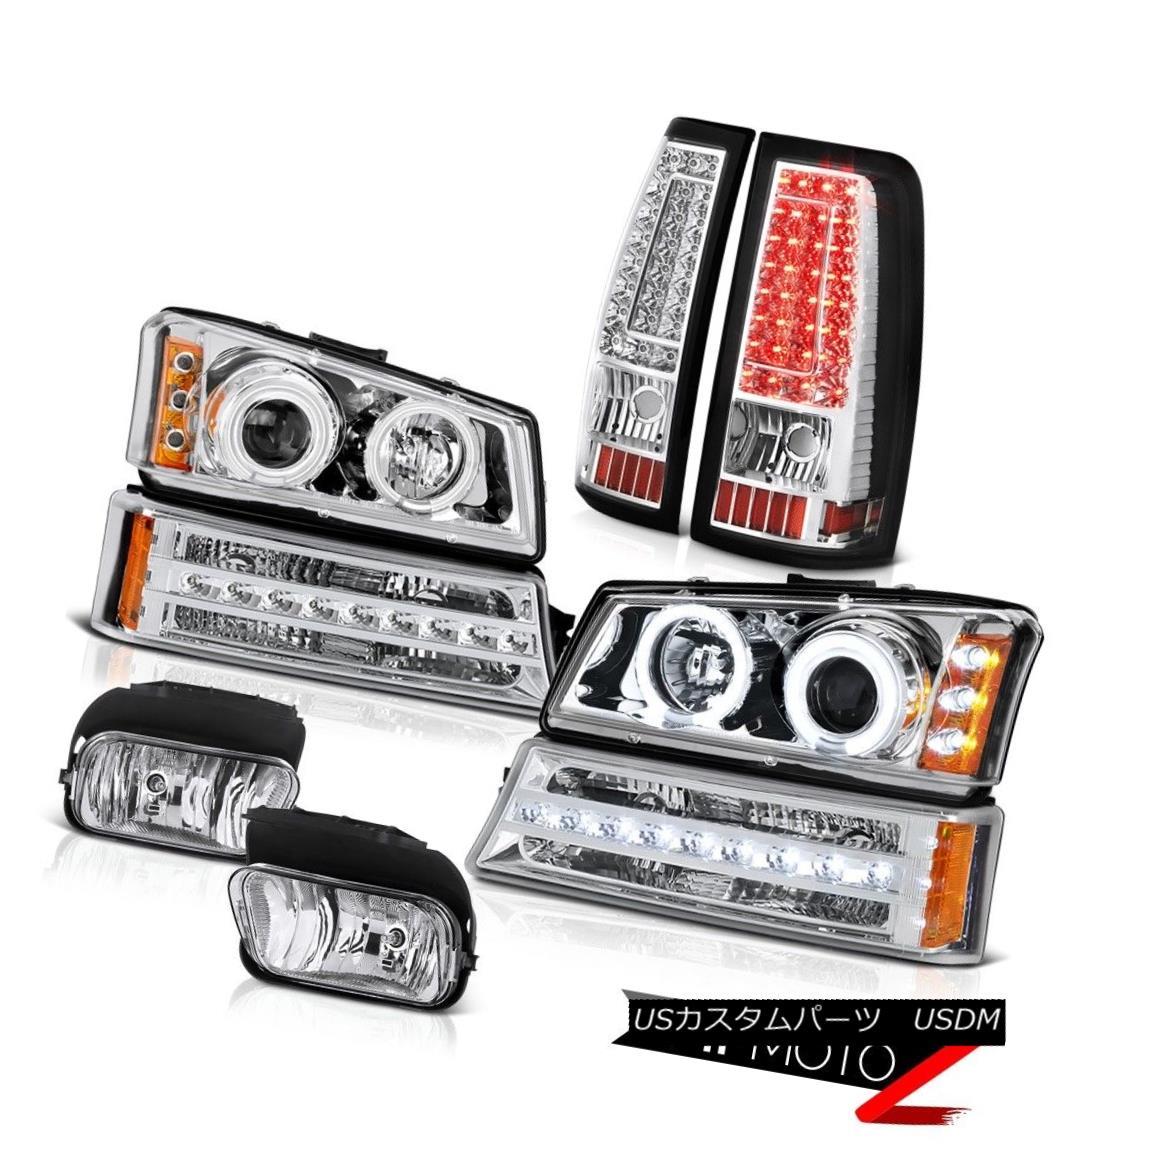 ヘッドライト 2003-2006 Chevy Silverado Fog Lights Tail Brake Signal Lamp Projector Headlamps 2003-2006シボレーシルバラードフォグライトテールブレーキ信号ランププロジェクターヘッドランプ